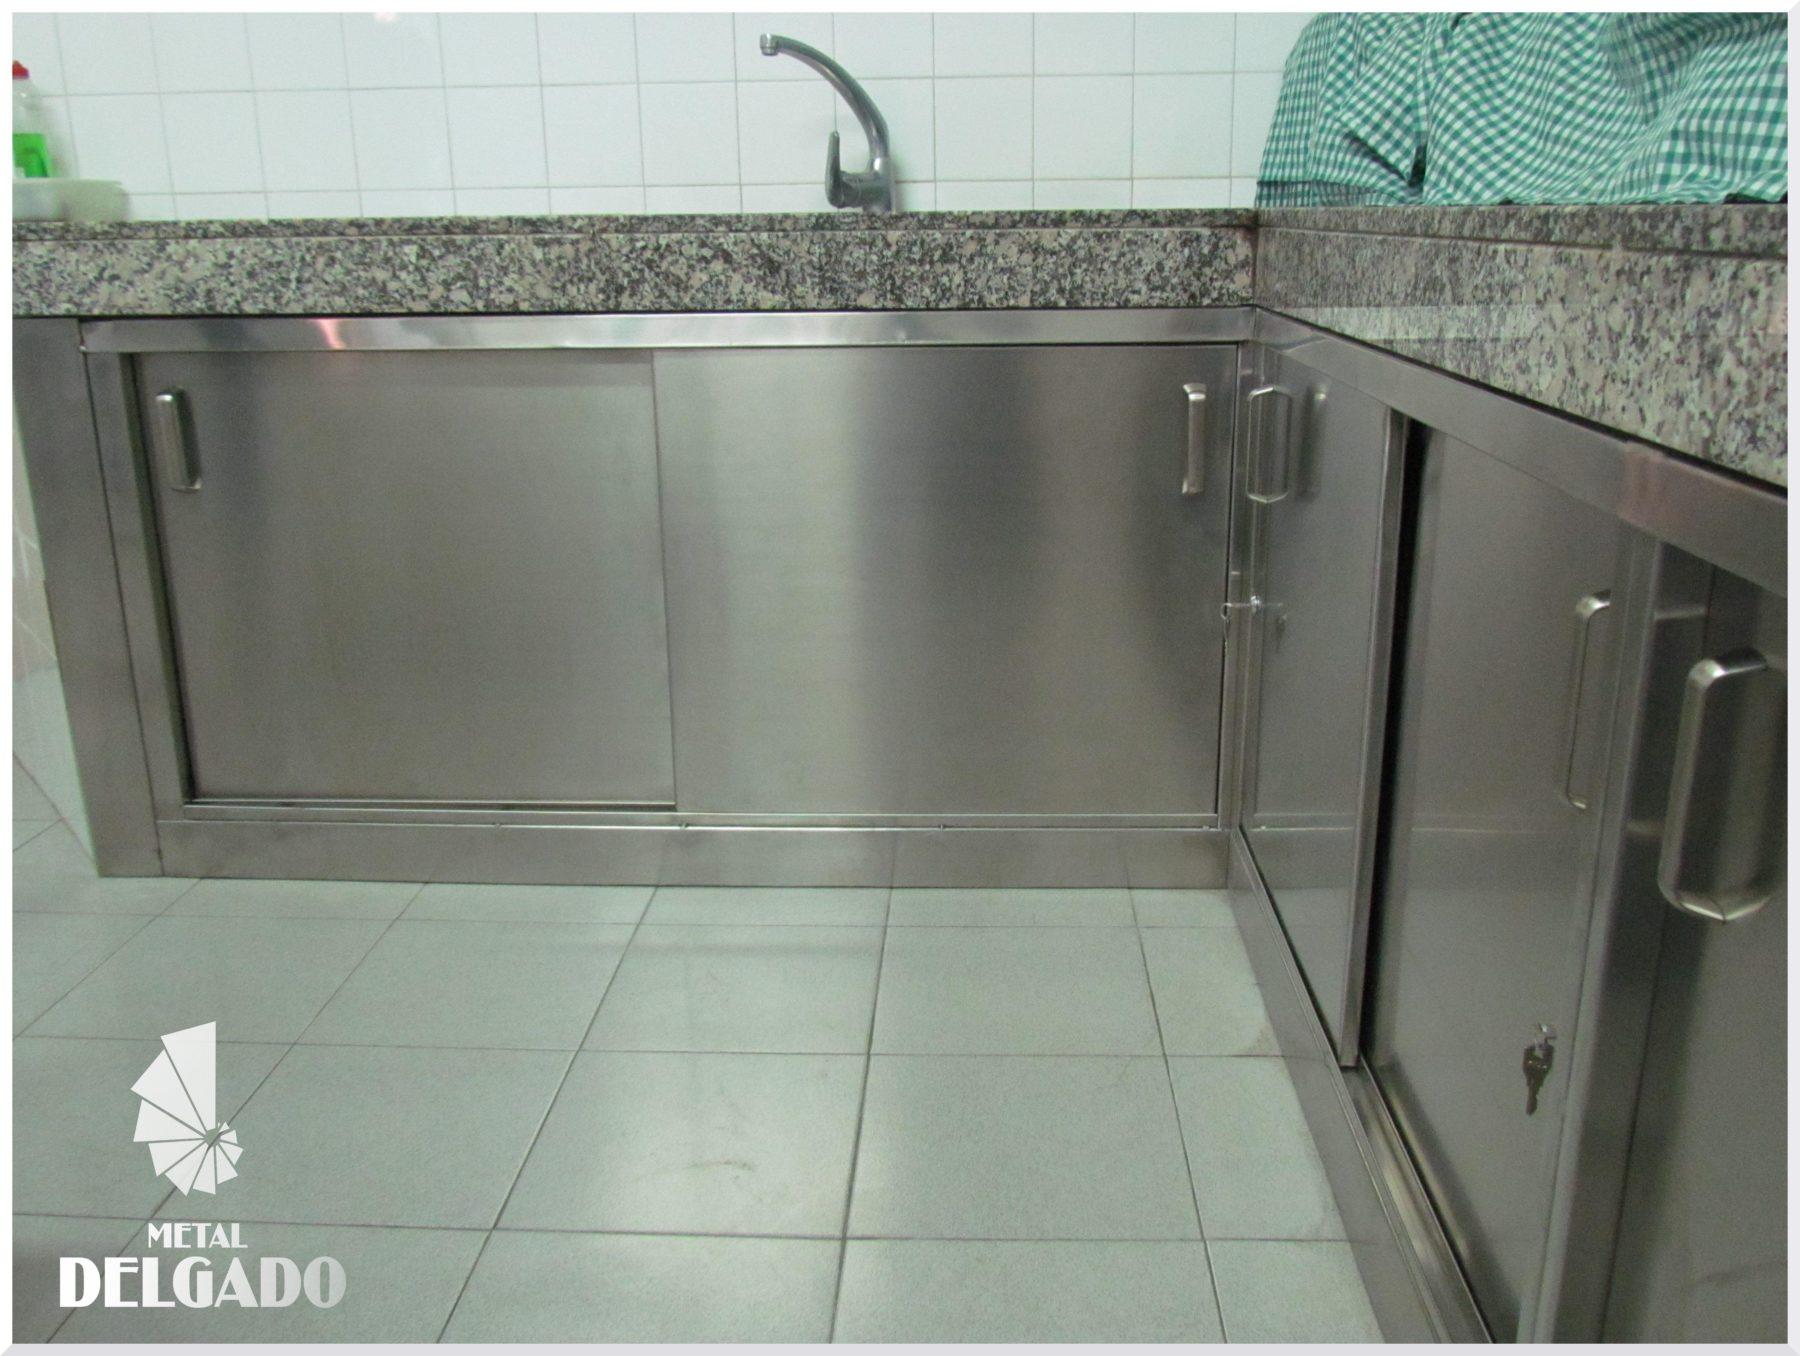 Muebles Acero Inoxidable - Metal Delgado S.L. - Tenerife